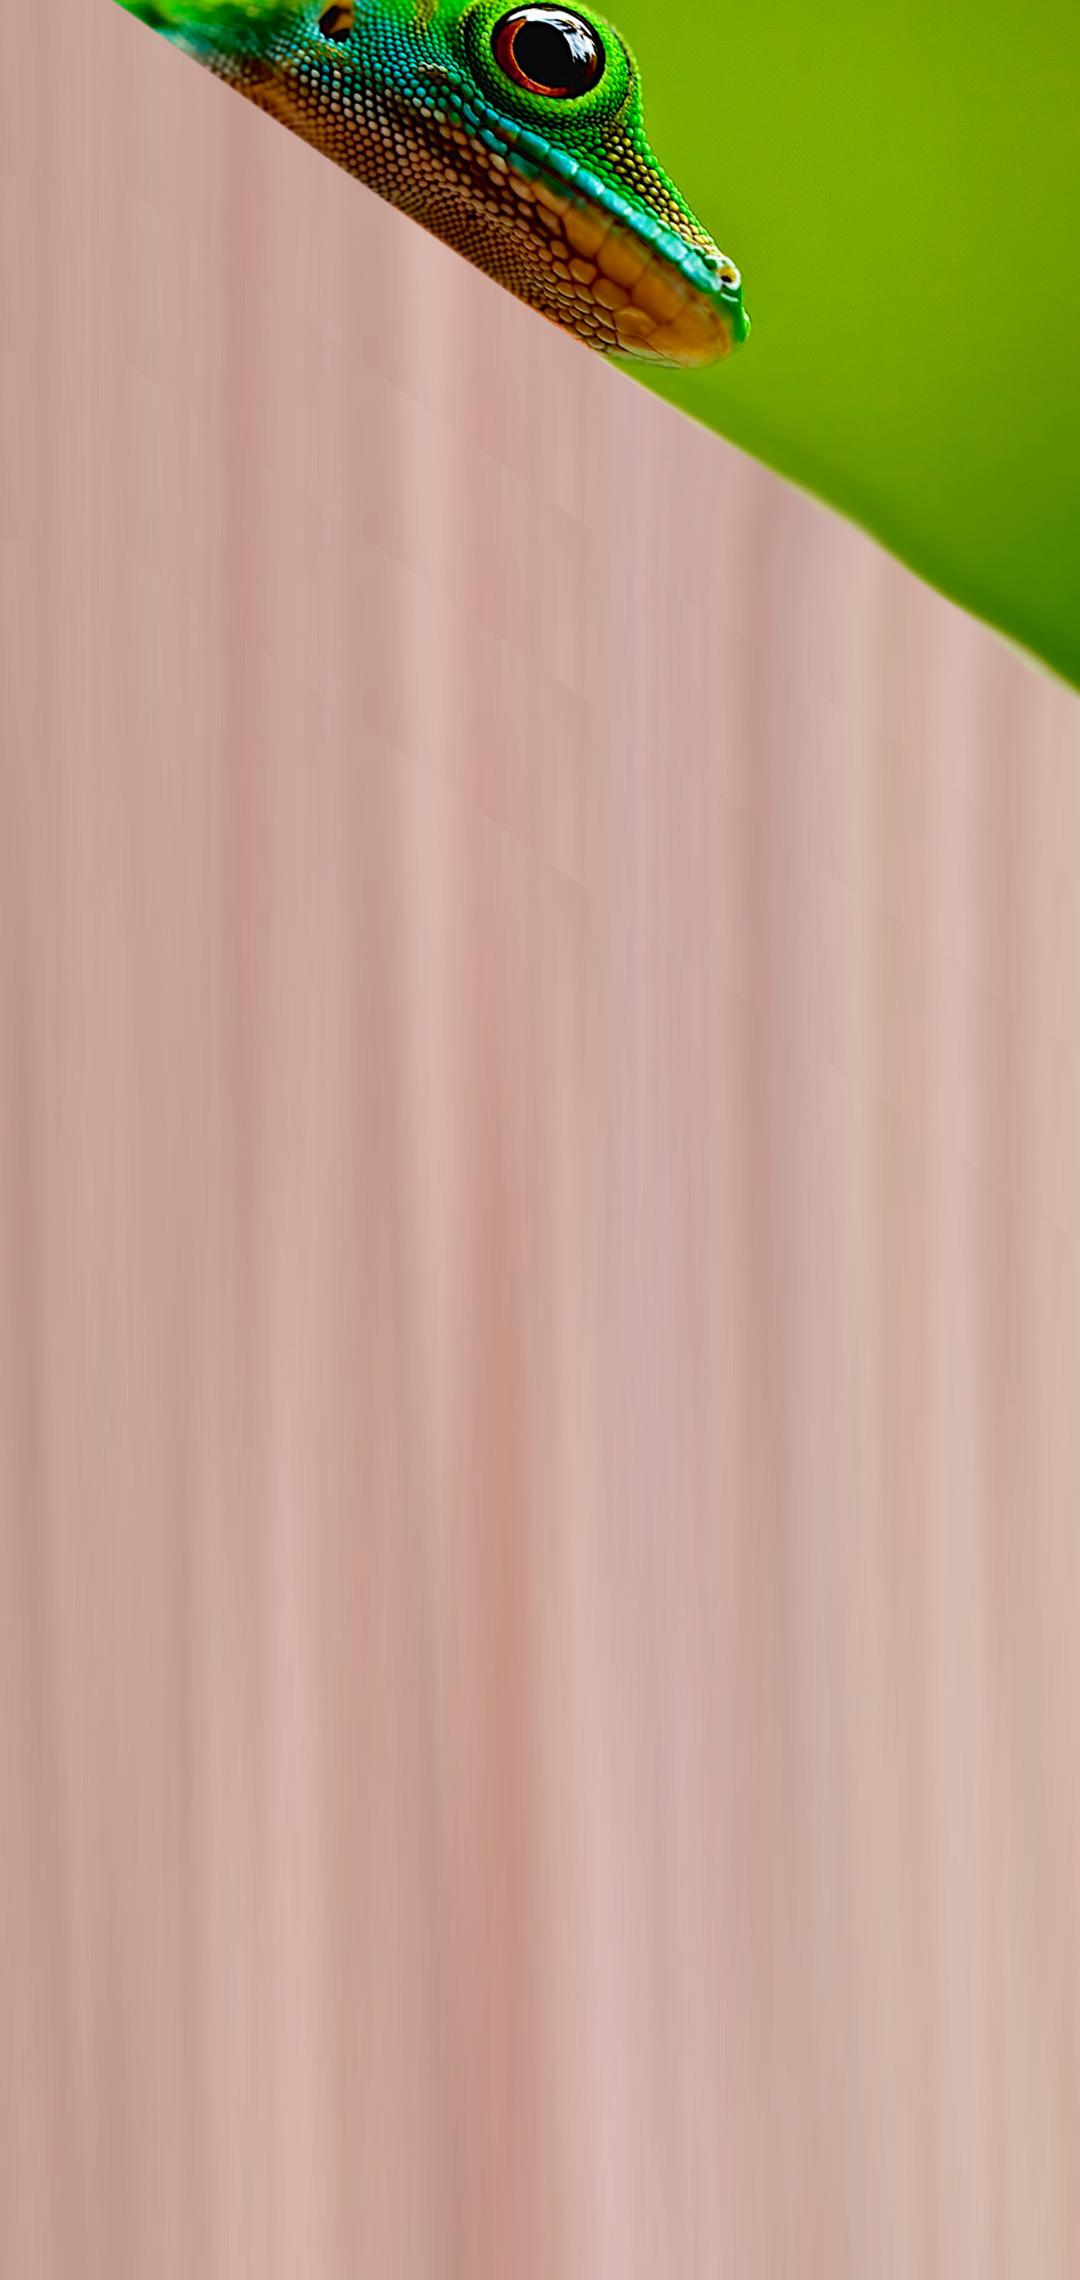 geko hole-punch wallpaper